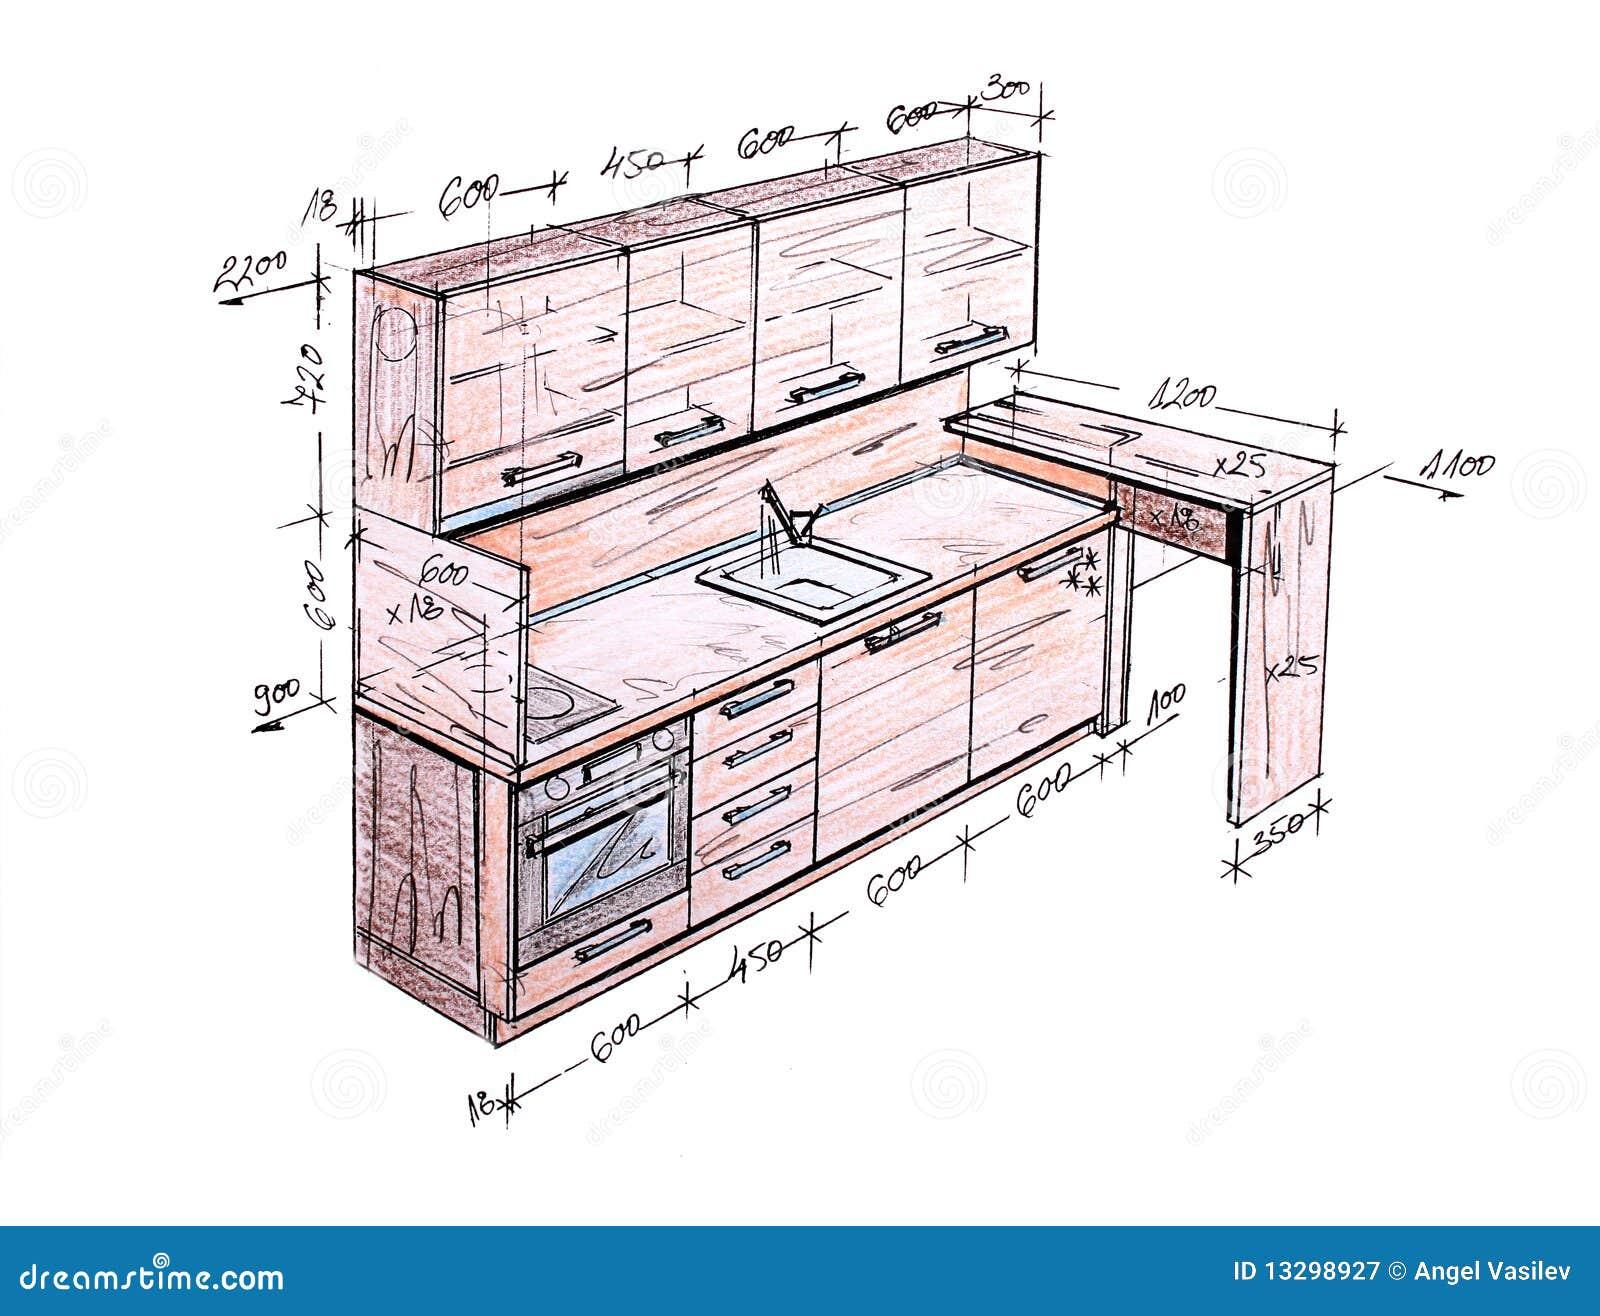 Standard Sizes For Kitchen Cabinets Retrait De Dessin 224 Main Lev 233 E Moderne De Cuisine De